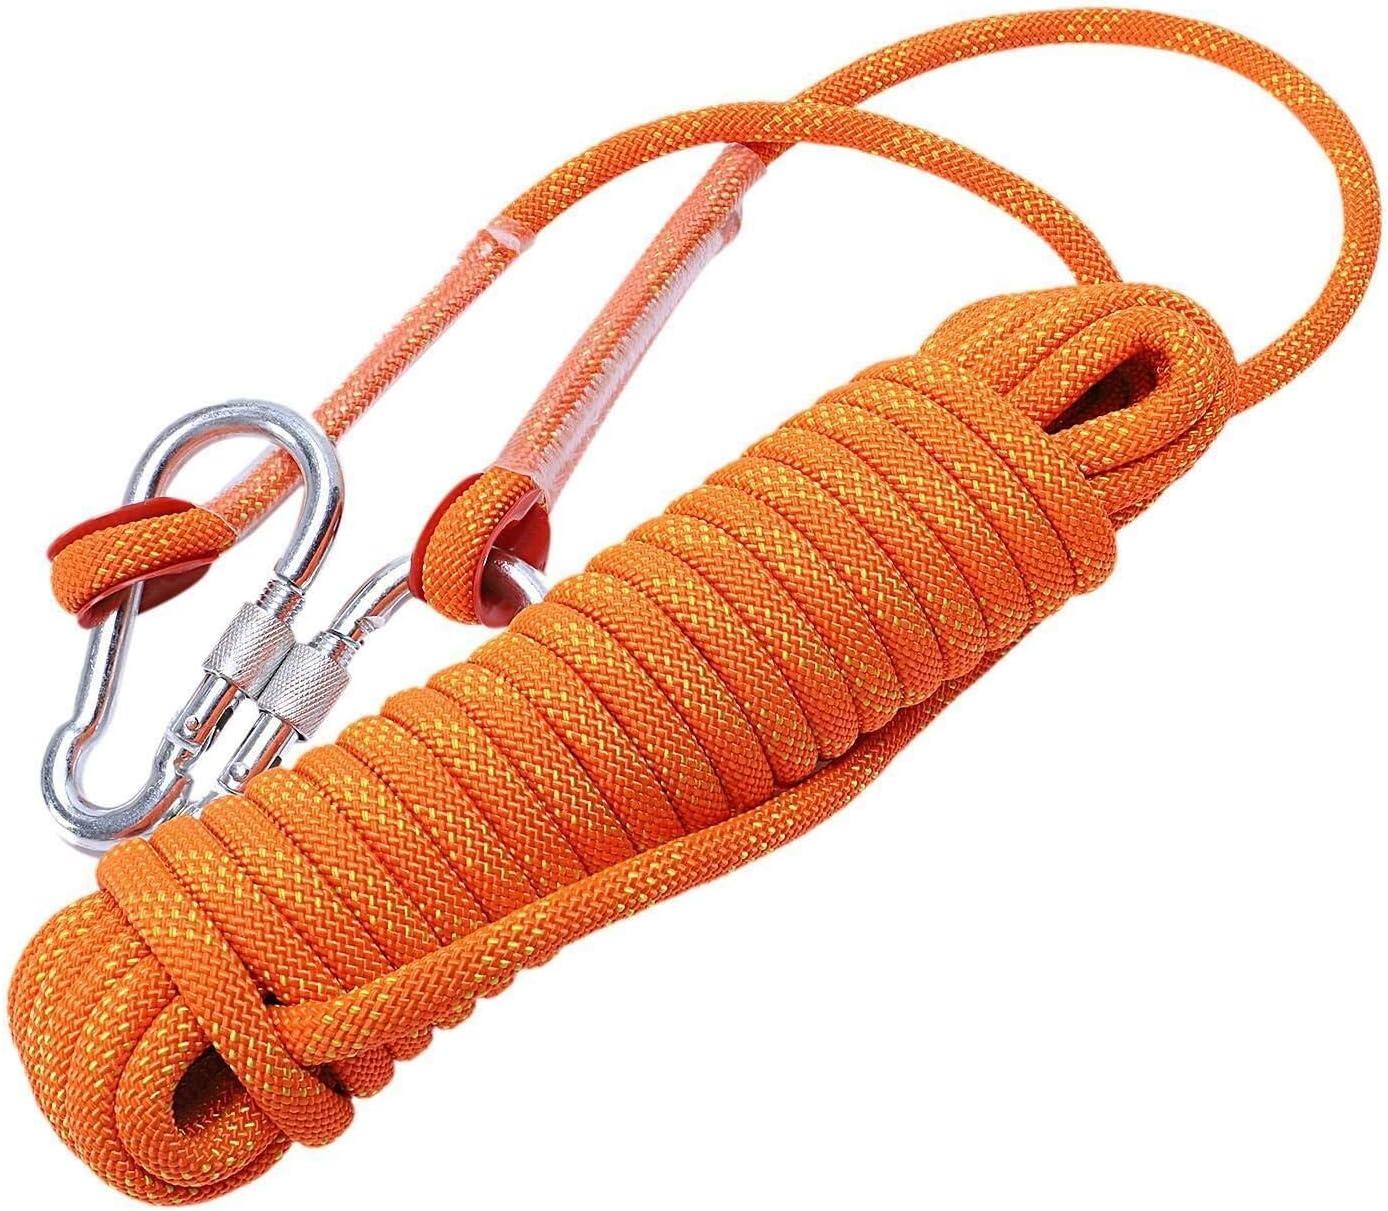 ND-Climbing rope Cuerda de Escalada Rescate Cuerda Atada ...